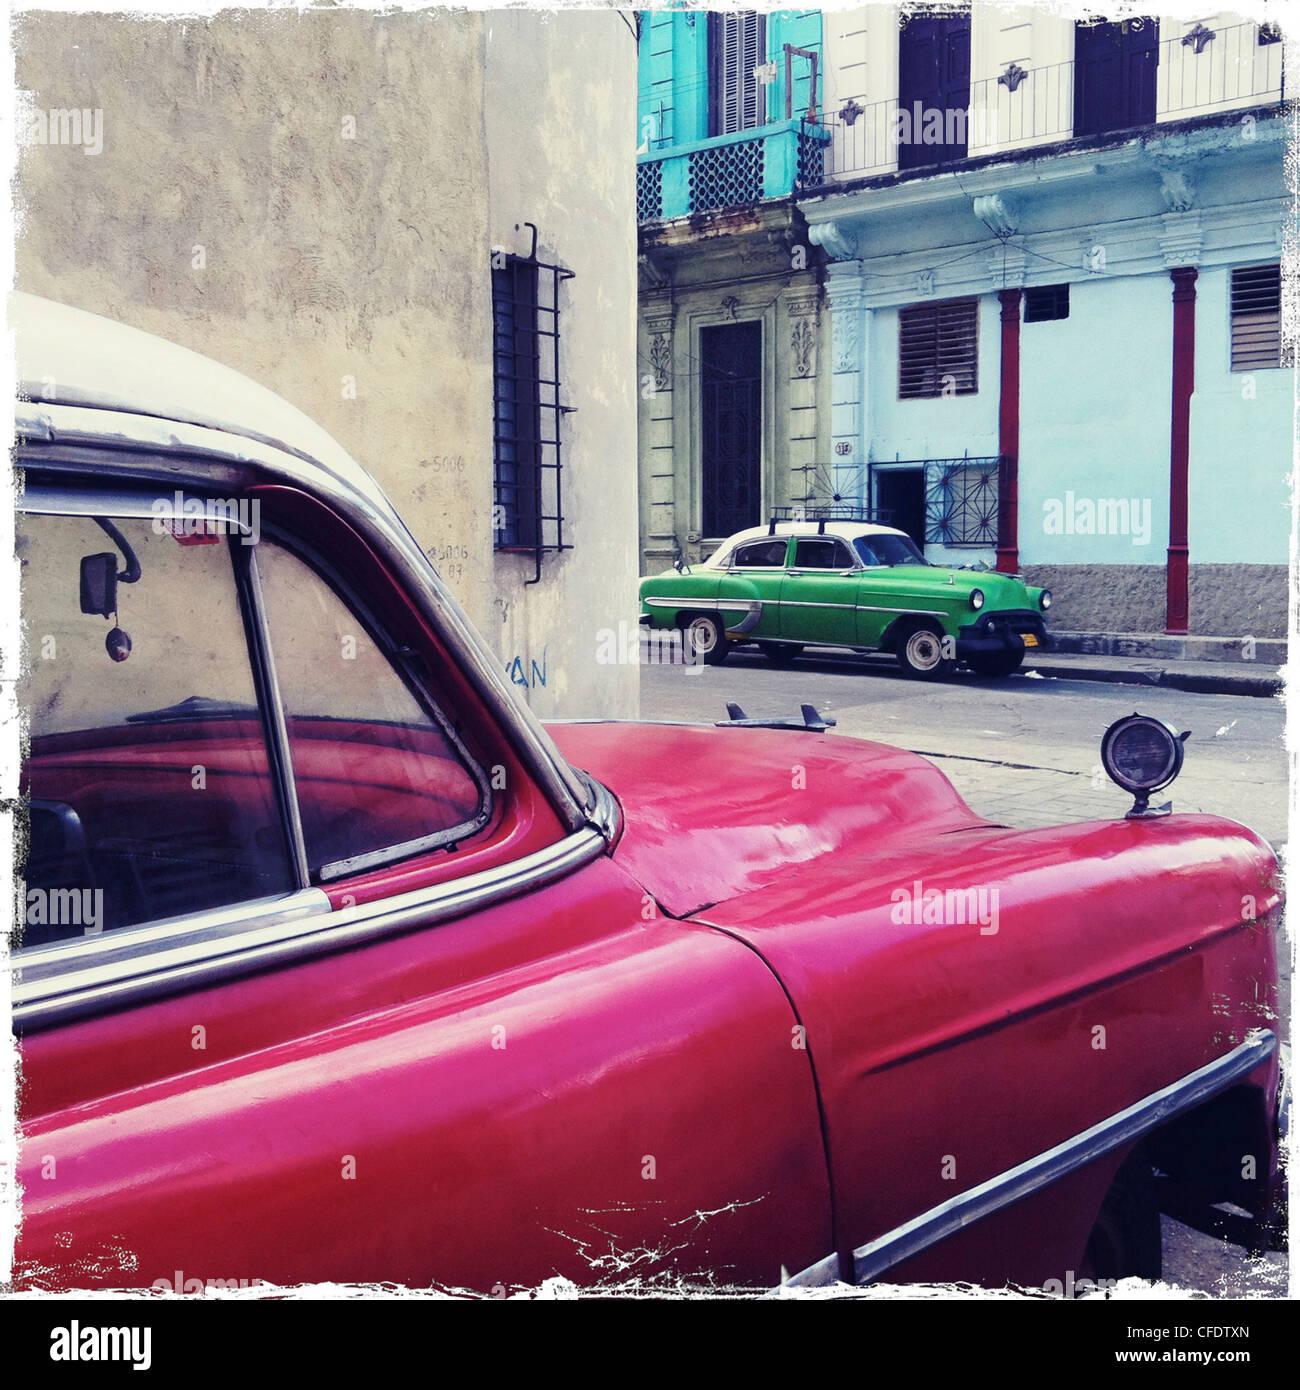 Straßenecke mit roten und grünen amerikanischen Oldtimern, Zentralamerika, Westindien, Havanna, Kuba, Stockbild